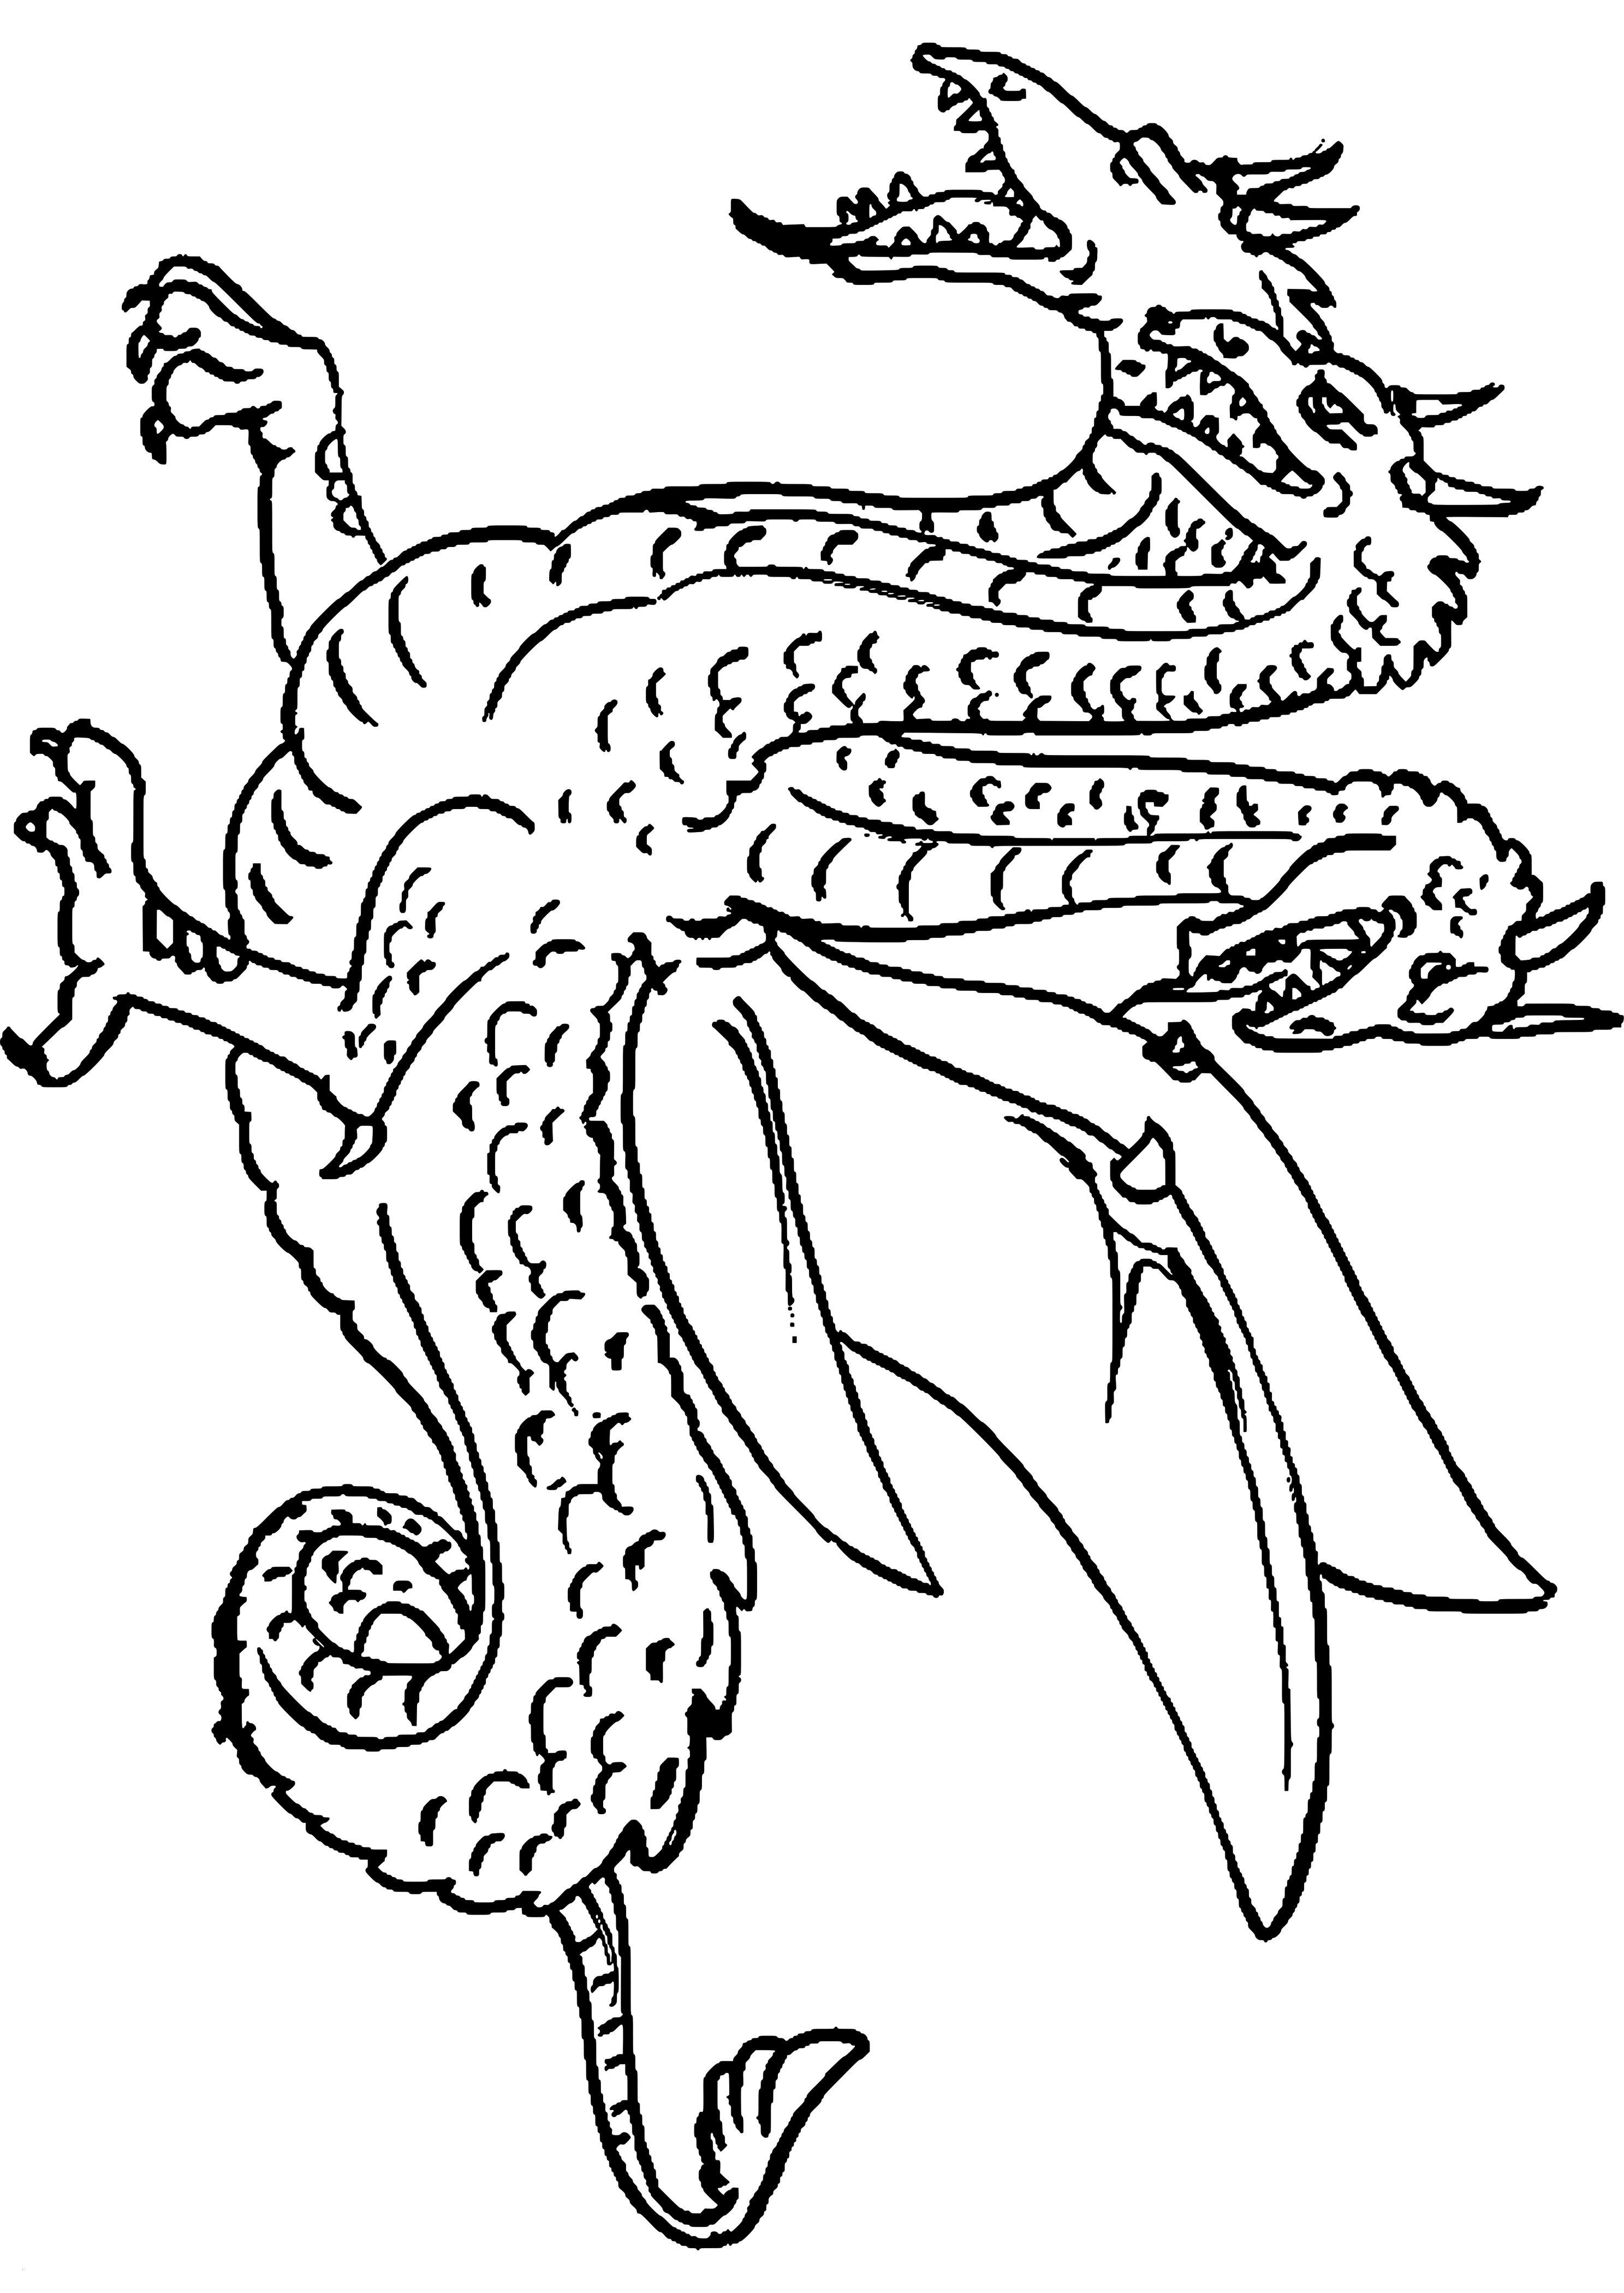 Dragons Auf Zu Neuen Ufern Ausmalbilder Neu 35 Dragons Ohnezahn Ausmalbilder Scoredatscore Best Malvorlagen Fotos